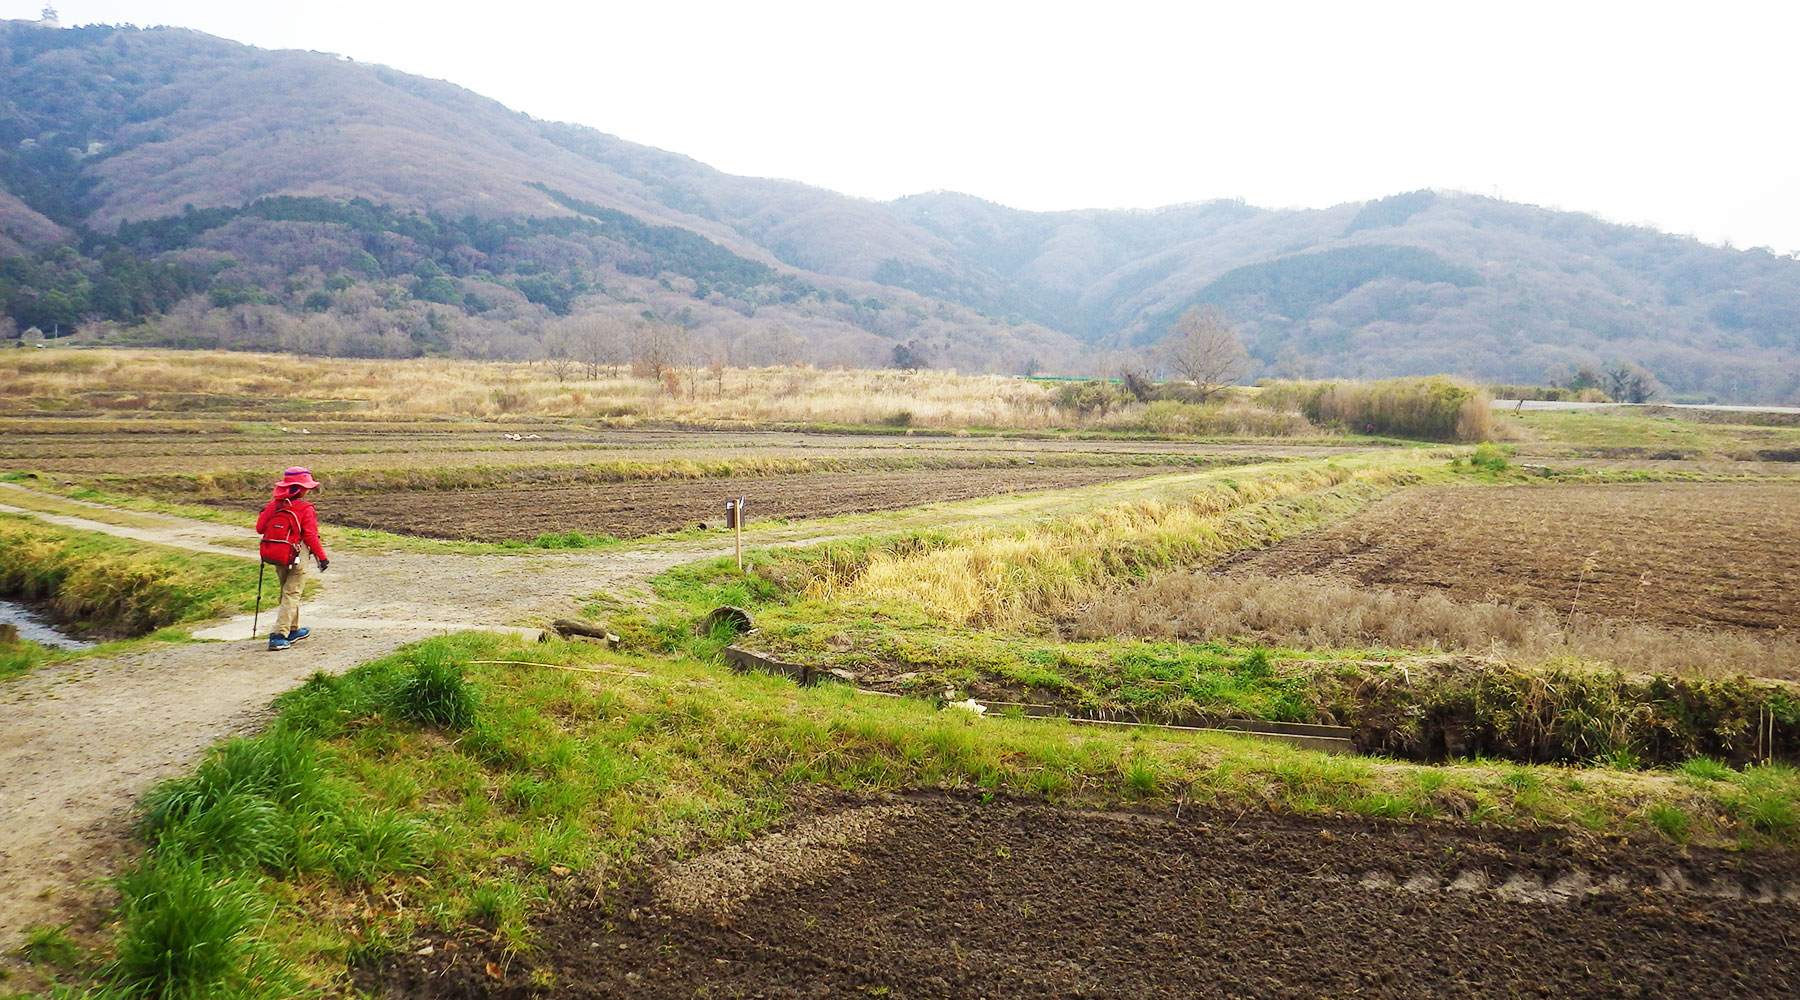 宝篋山・極楽寺コースへの分岐